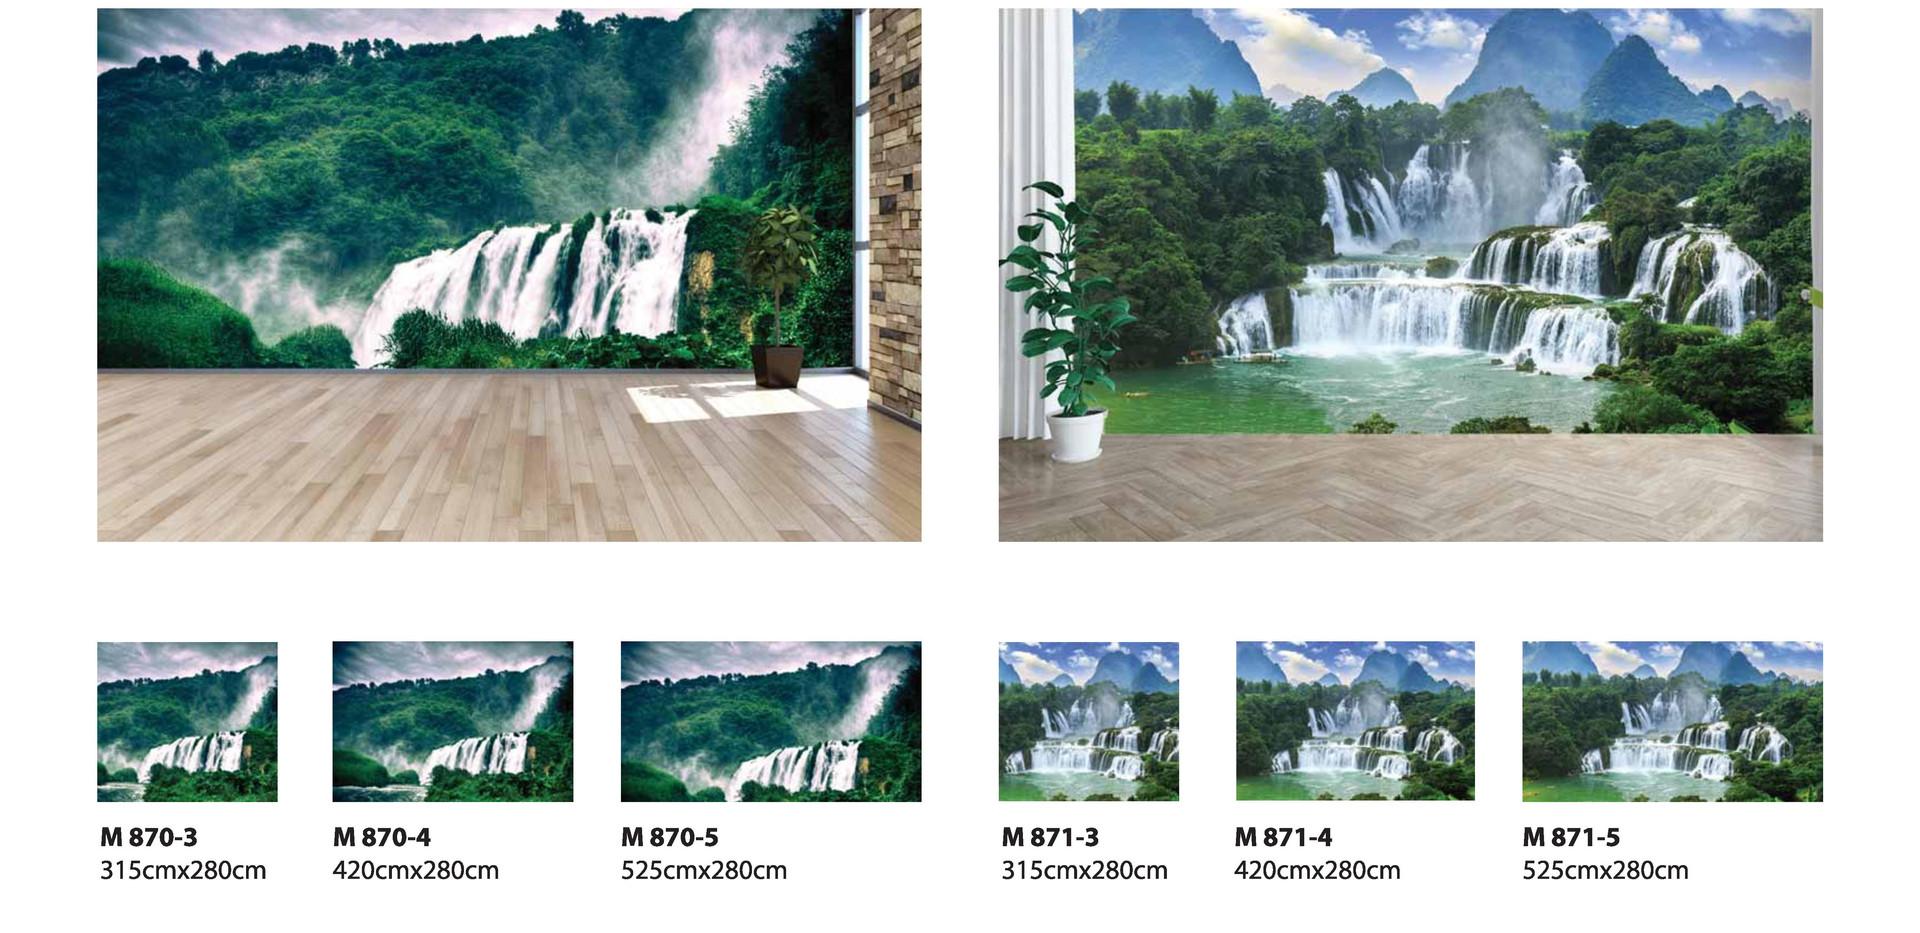 Moneta MURAL katalog-page-058.jpg